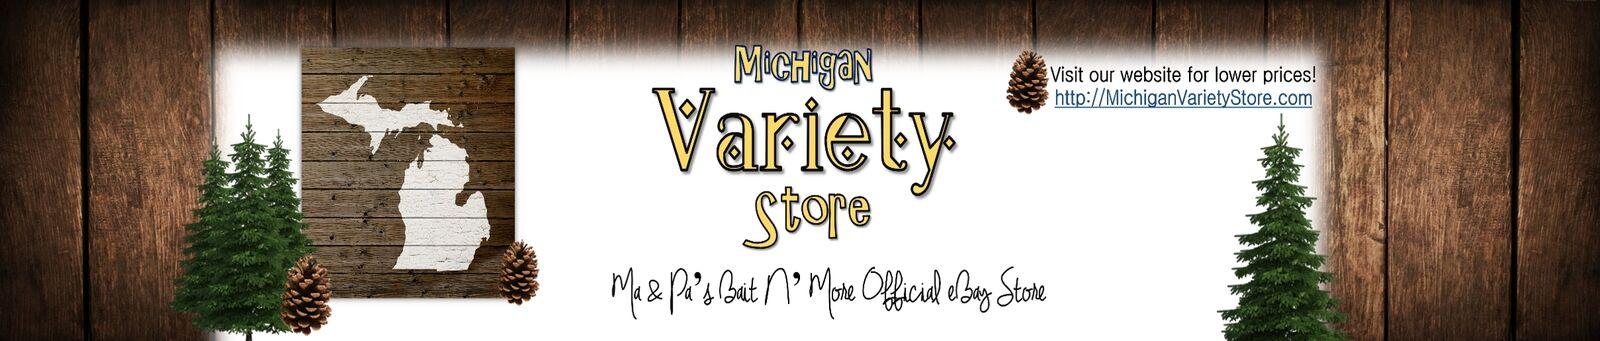 Ma & Pa's Michigan Variety